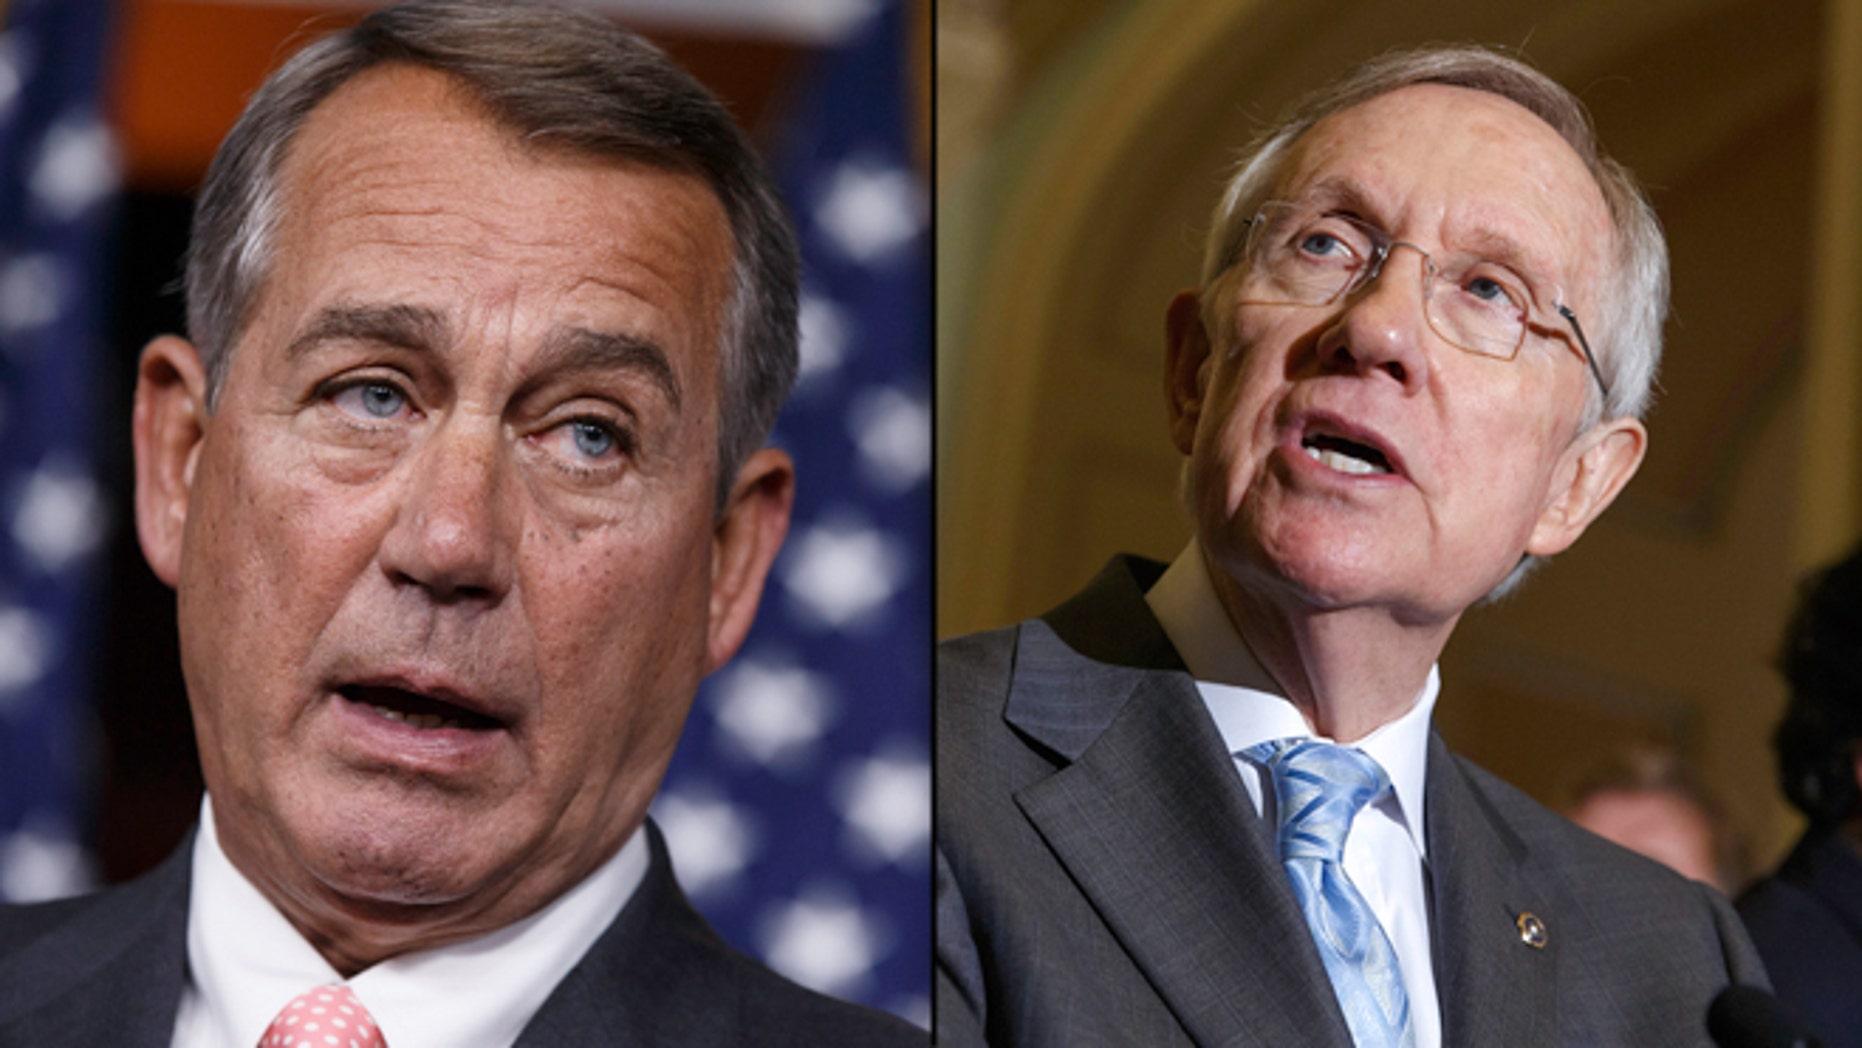 Shown here are House Speaker John Boehner, left, and Senate Majority Leader Harry Reid.